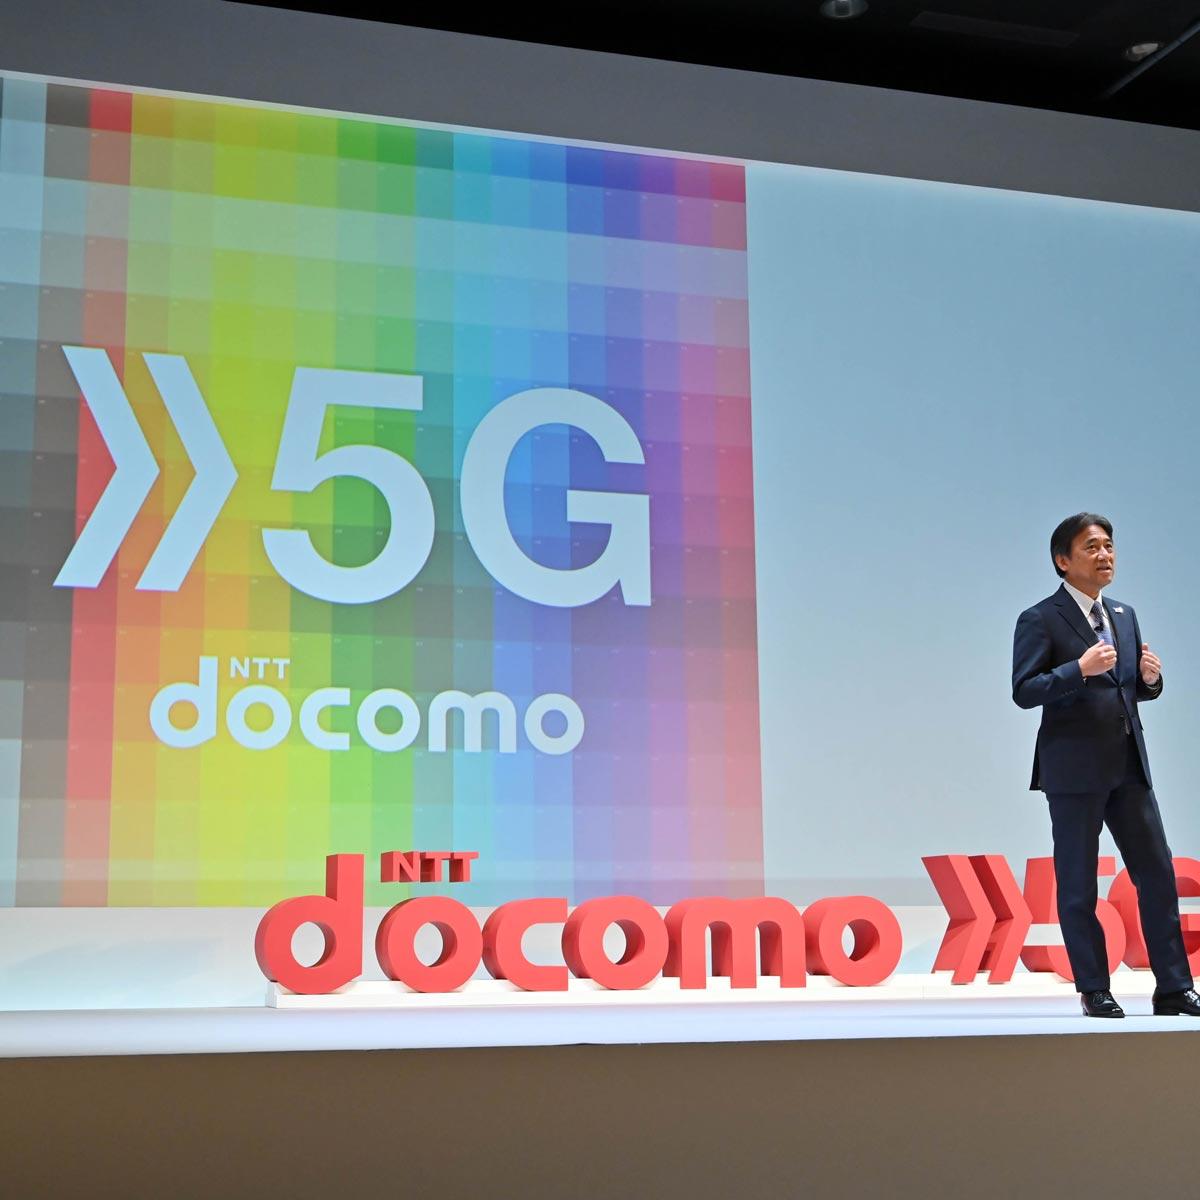 3月25日開始! NTTドコモが「5G」サービスの料金、端末を発表